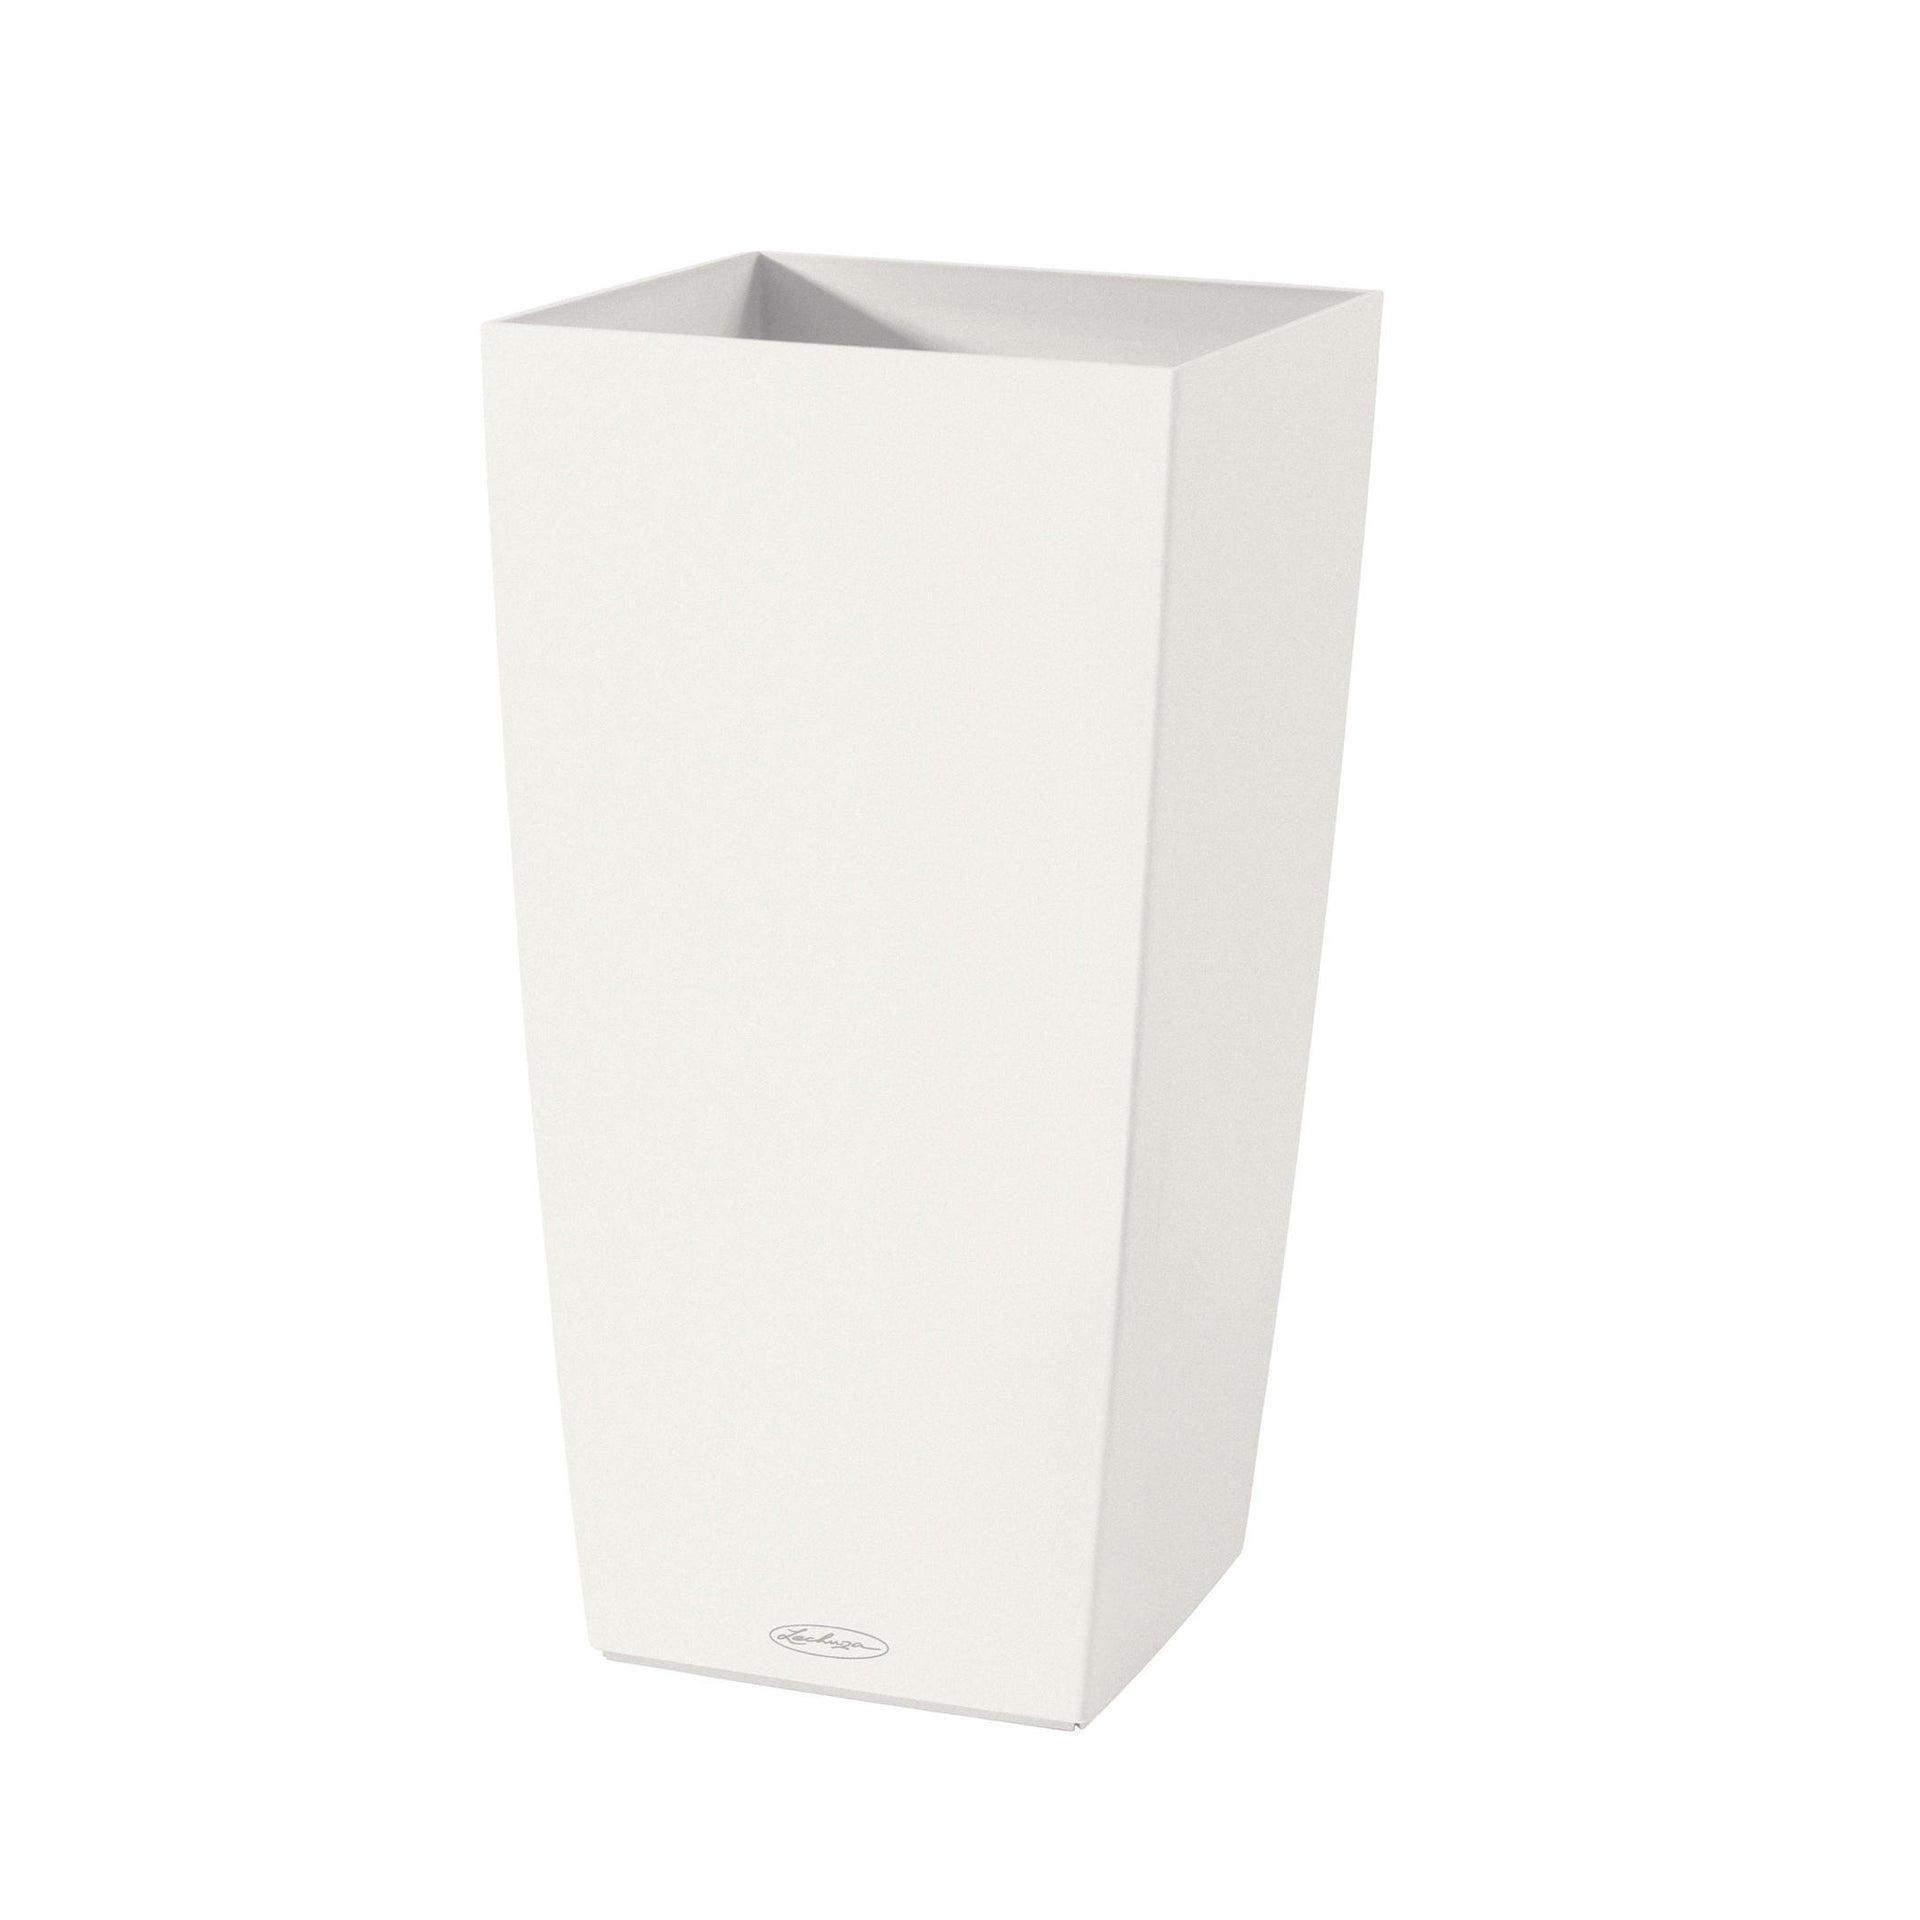 Portavaso Cubico Color in plastica colore bianco H 56.0 x Ø 25.0 - 2